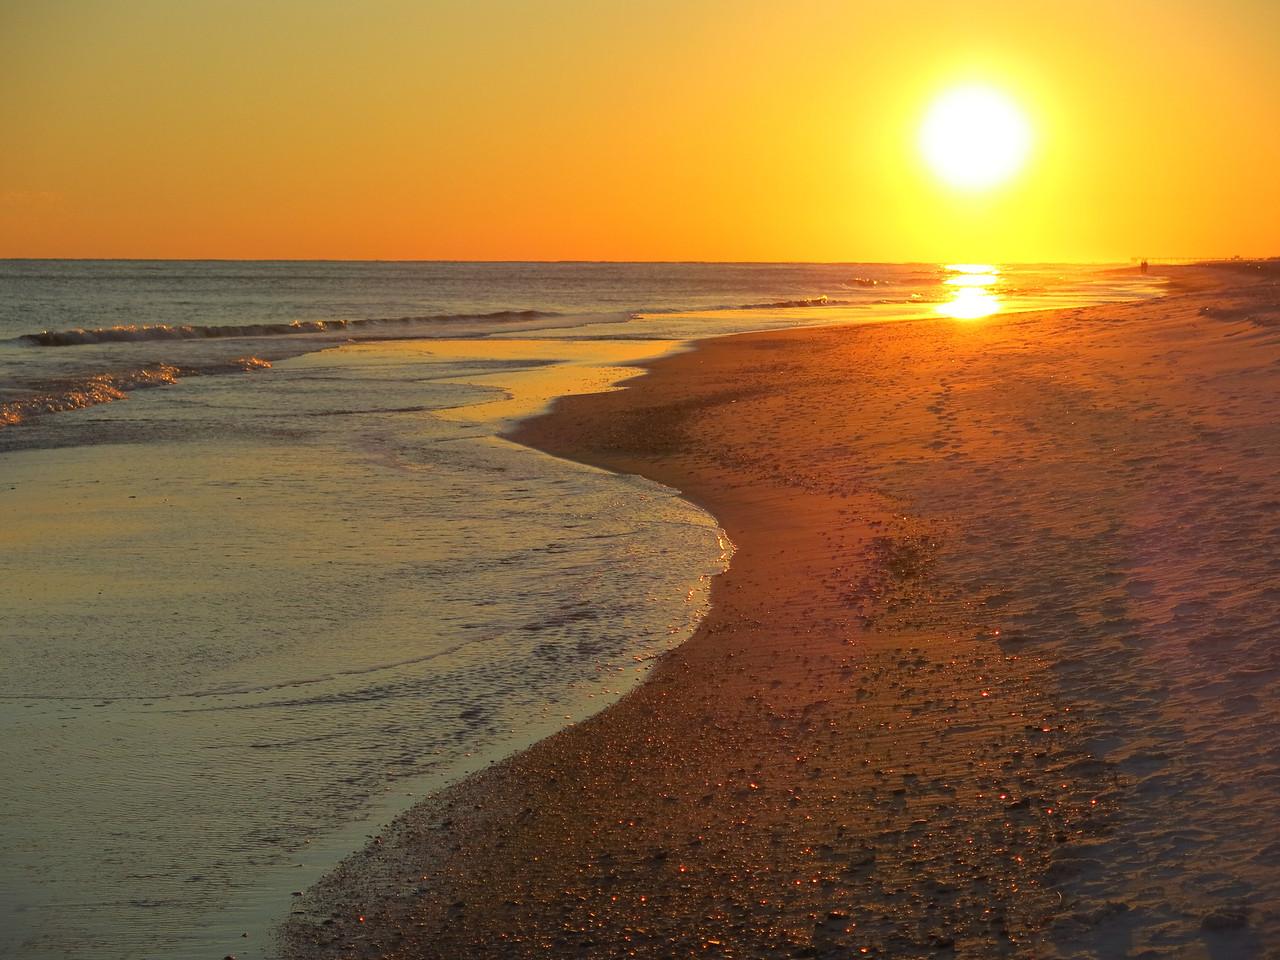 Sunset on Thursday, November 7